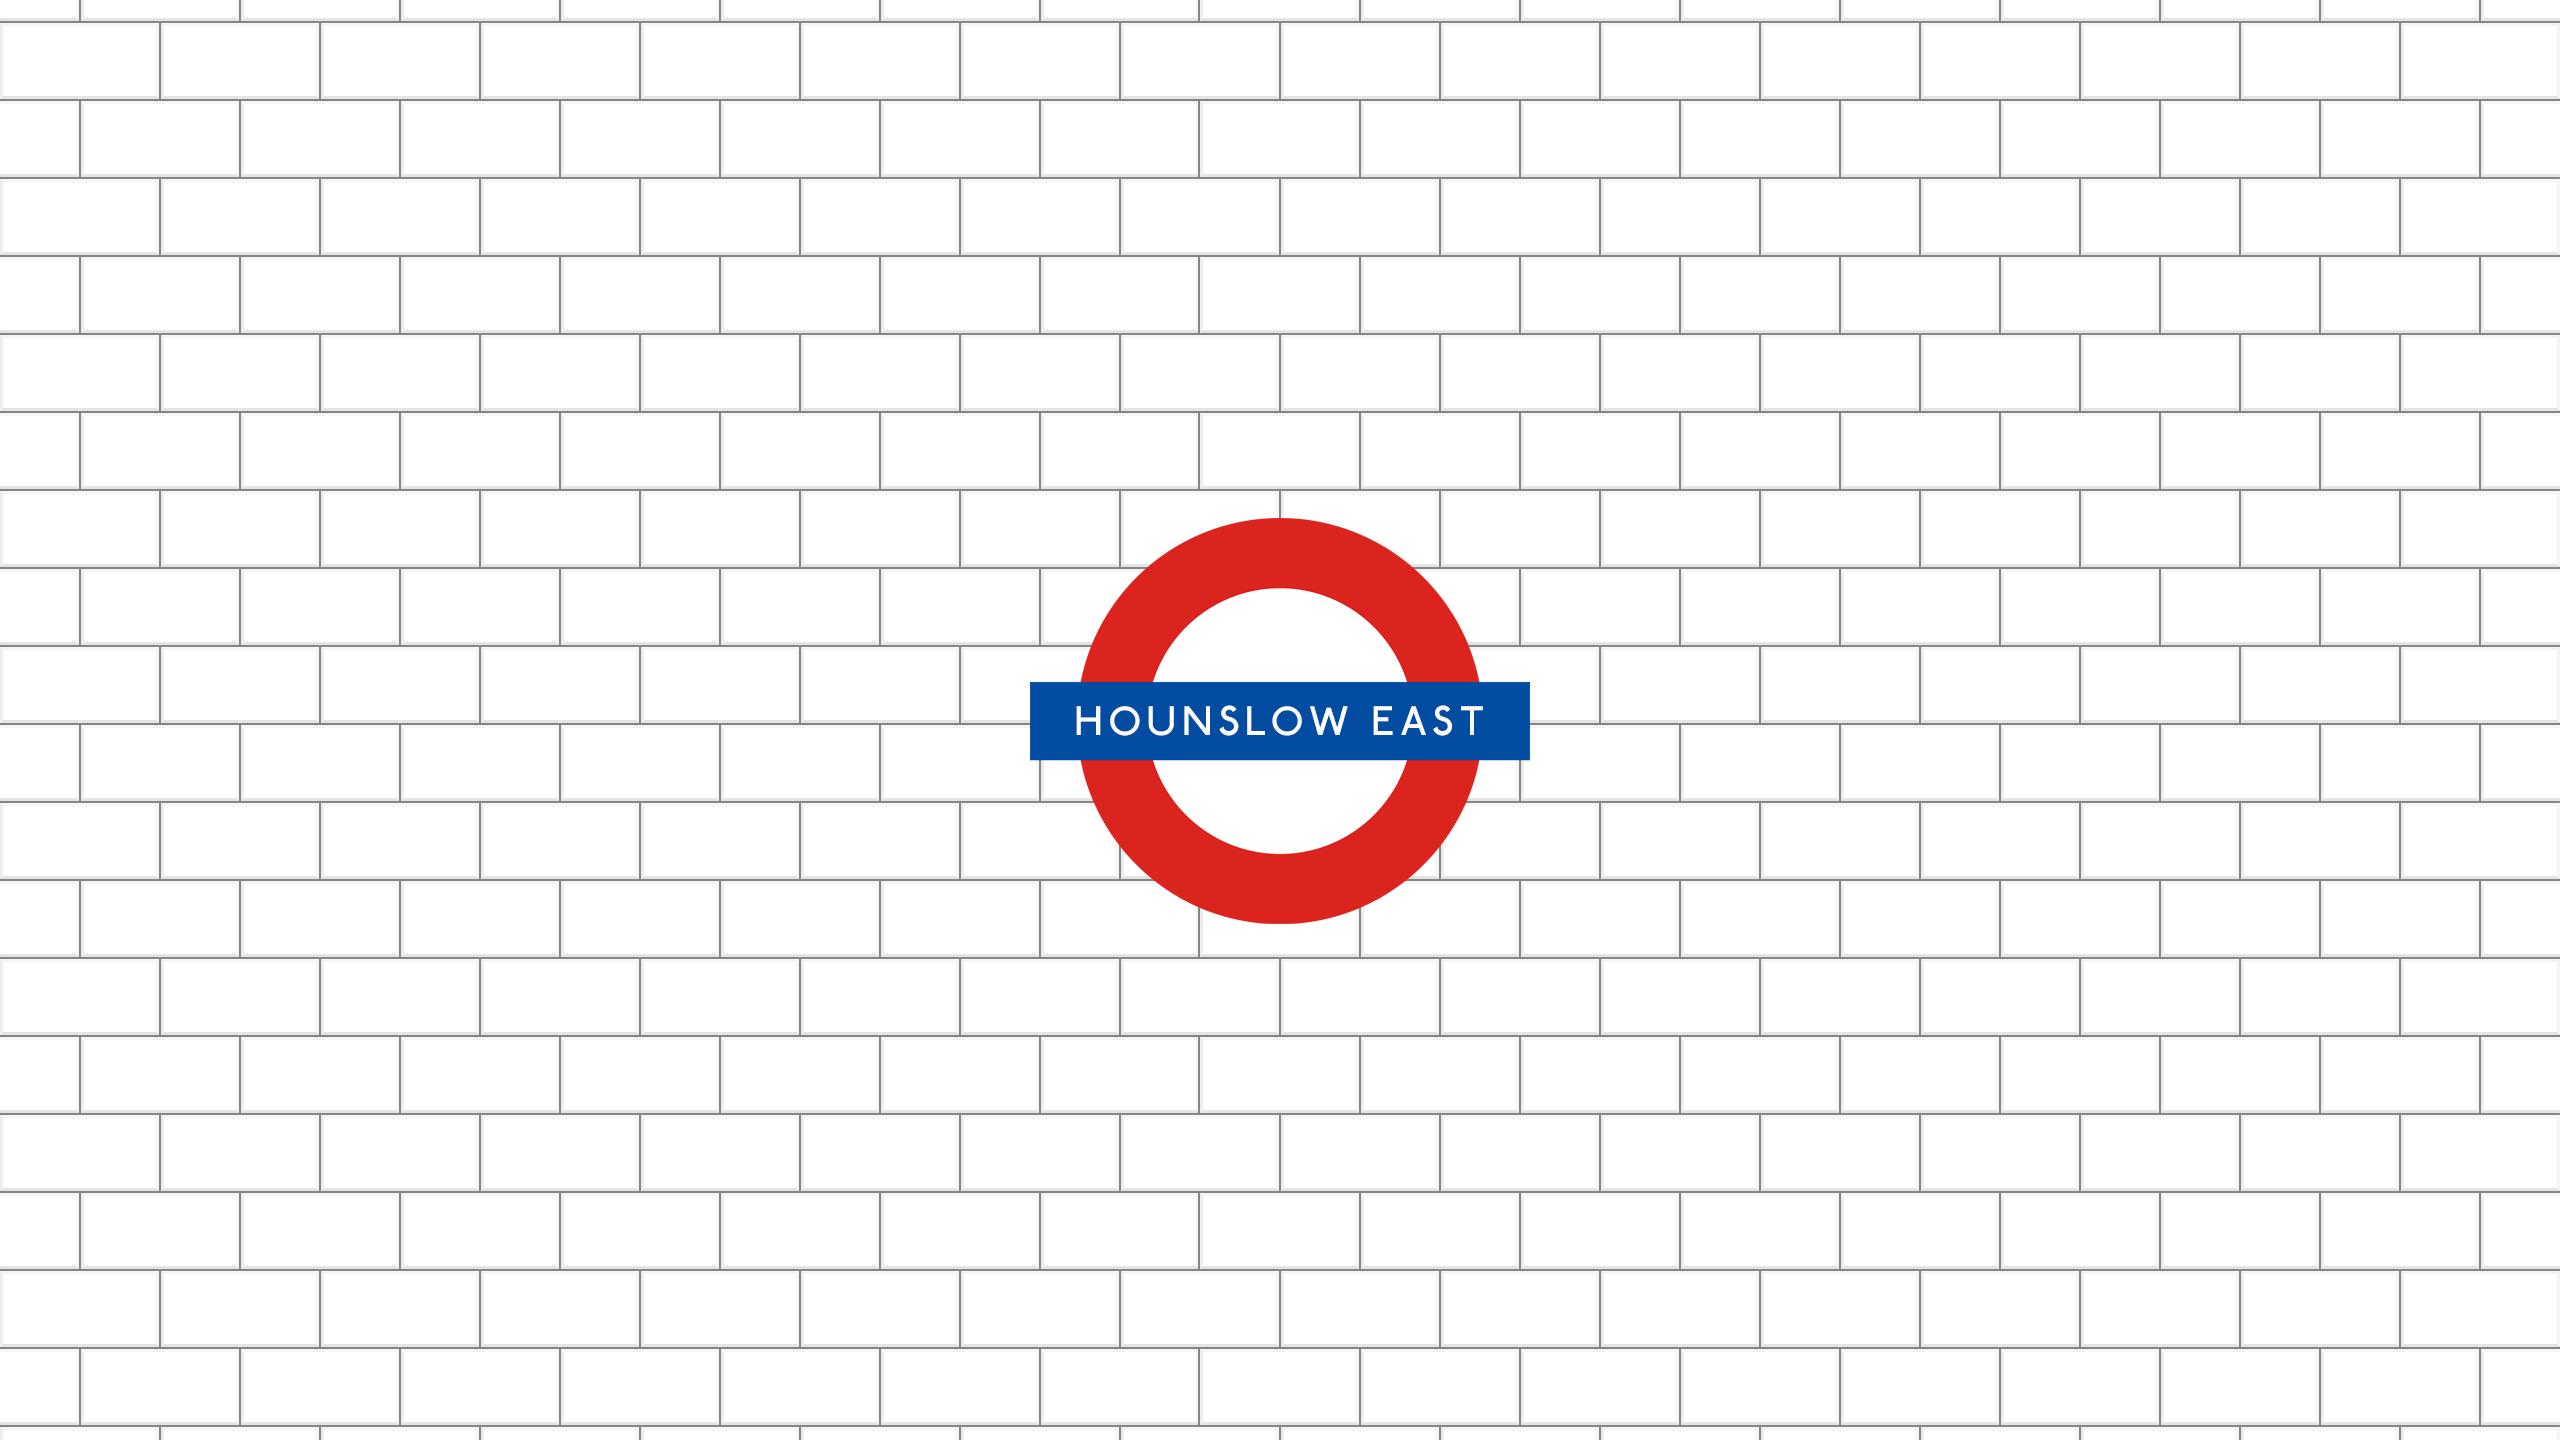 Hounslow East